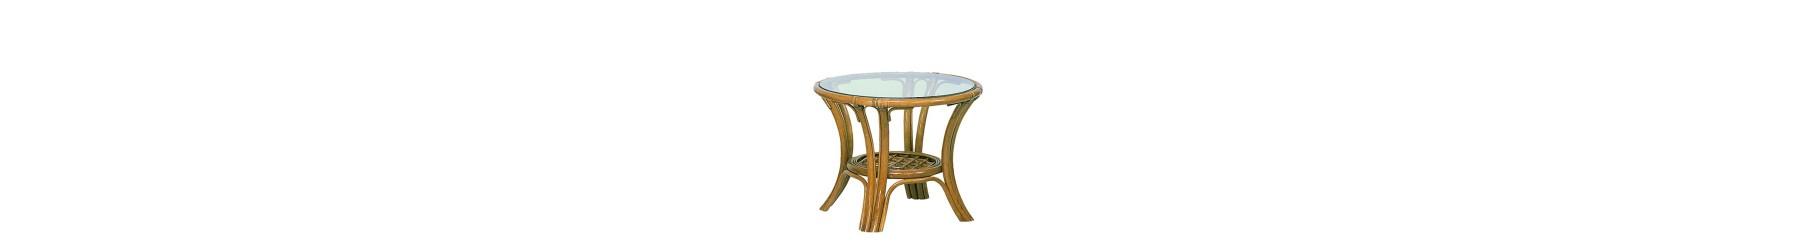 Τραπέζια Bamboo σε κλασσικό σχεδιασμό. Όλοι οι τύποι και διαστάσεις